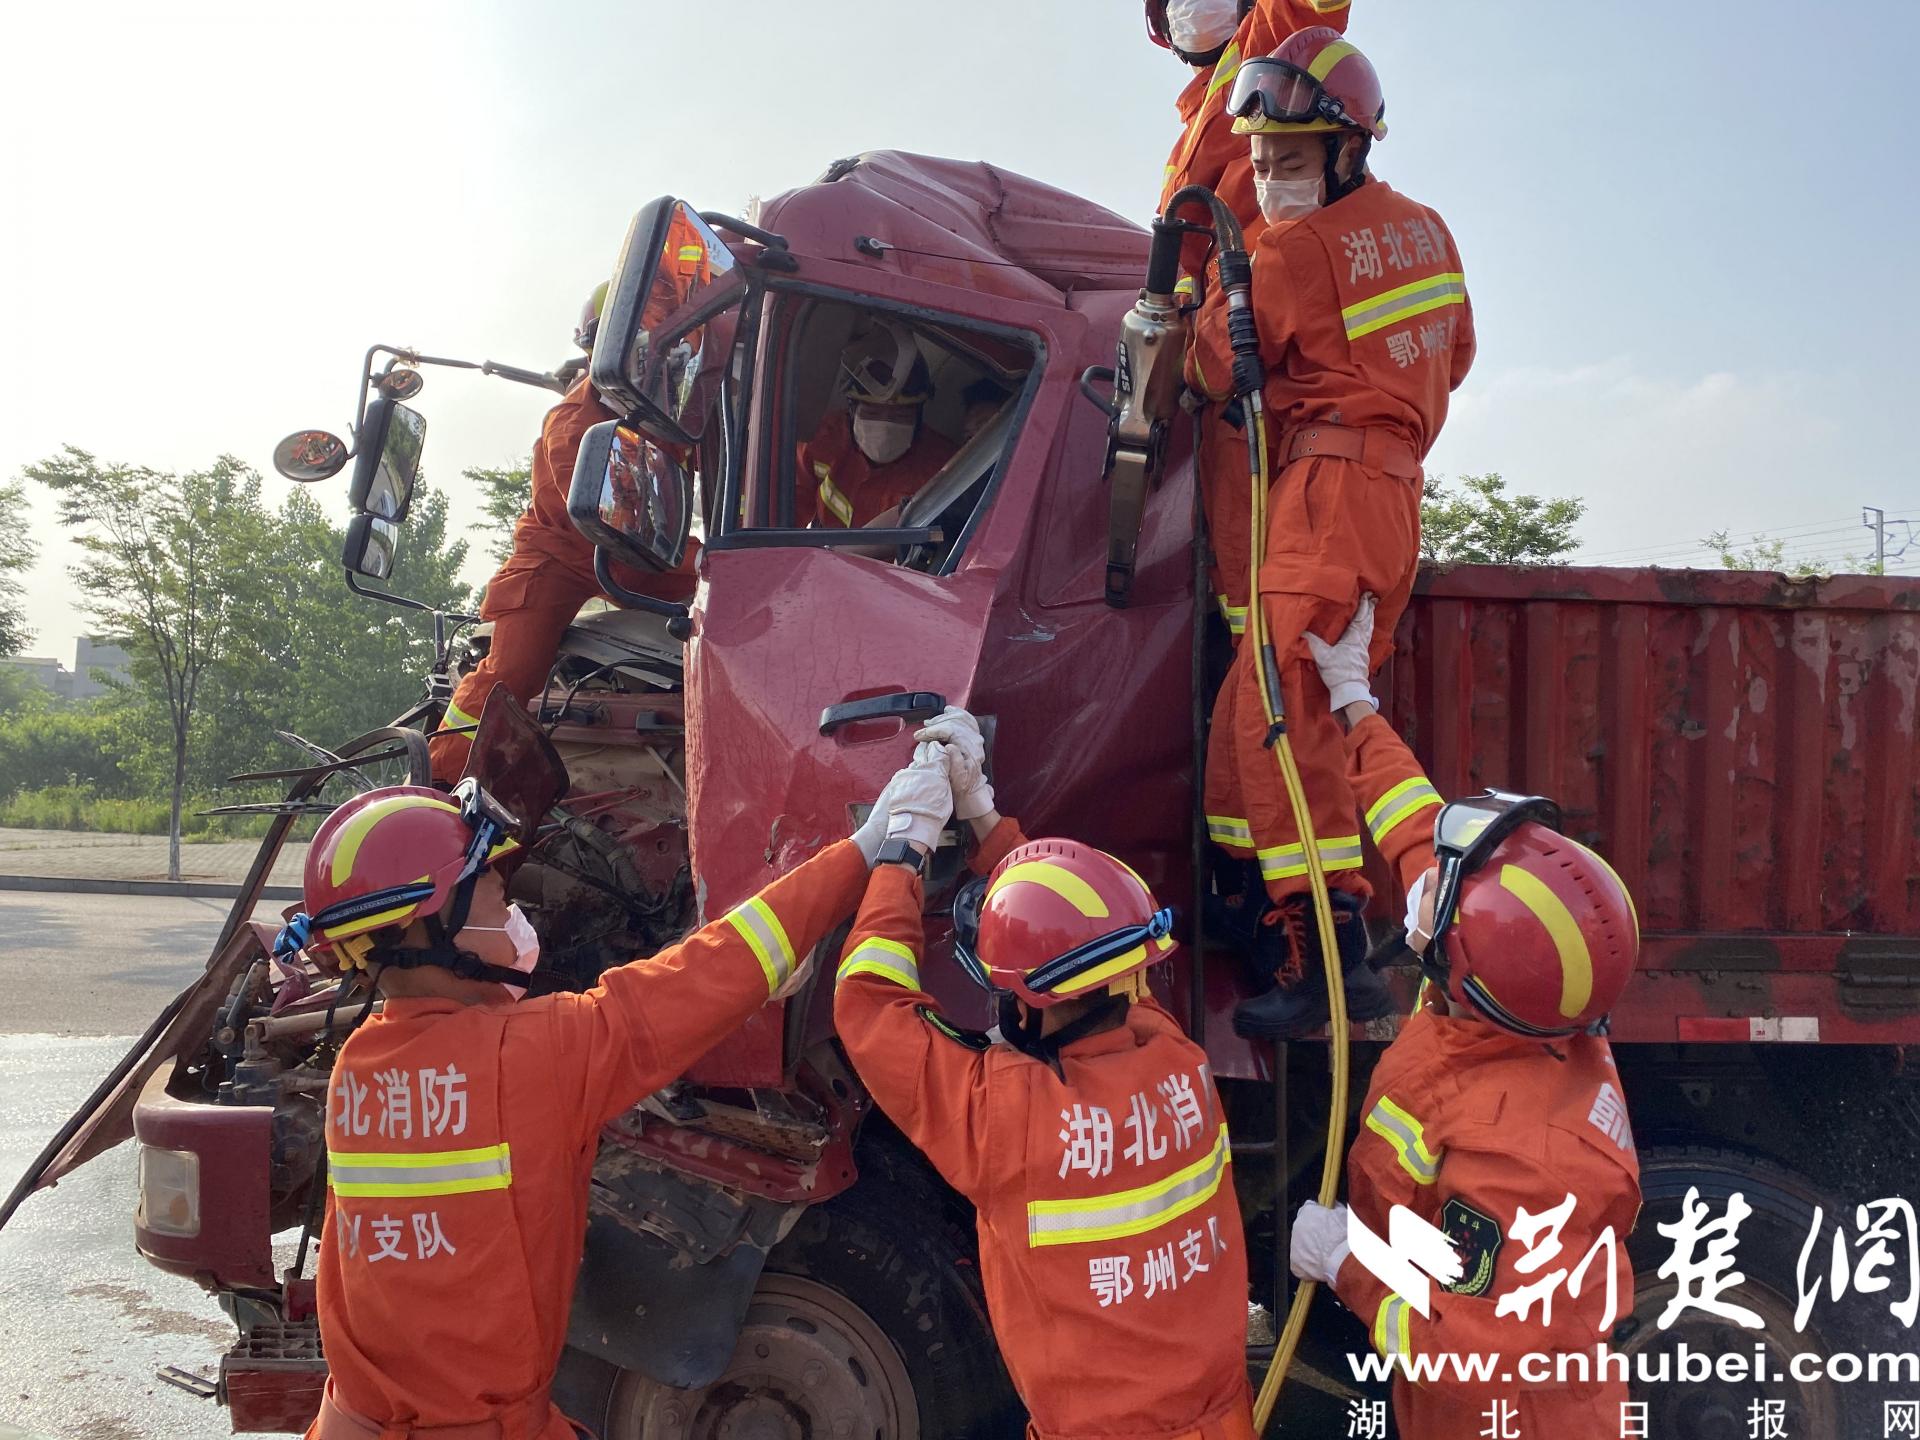 货车相撞变形司机被困 鄂州消防破拆救人(图1)